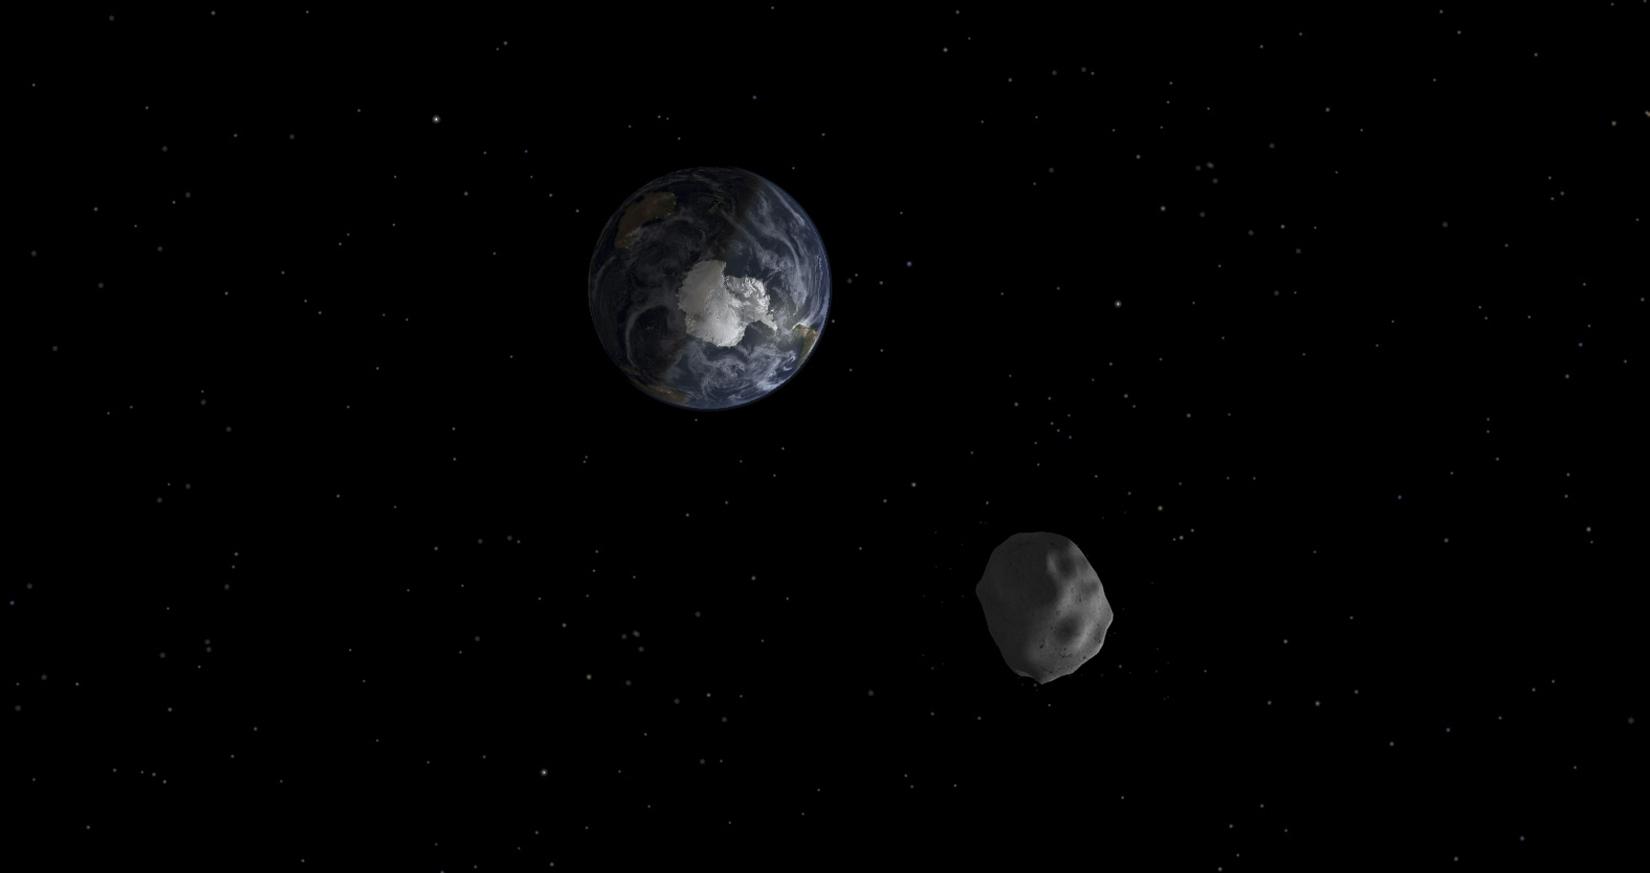 الجمعية الفلكية بجدة تكشف عن عبور كويكب صغير من عائلة